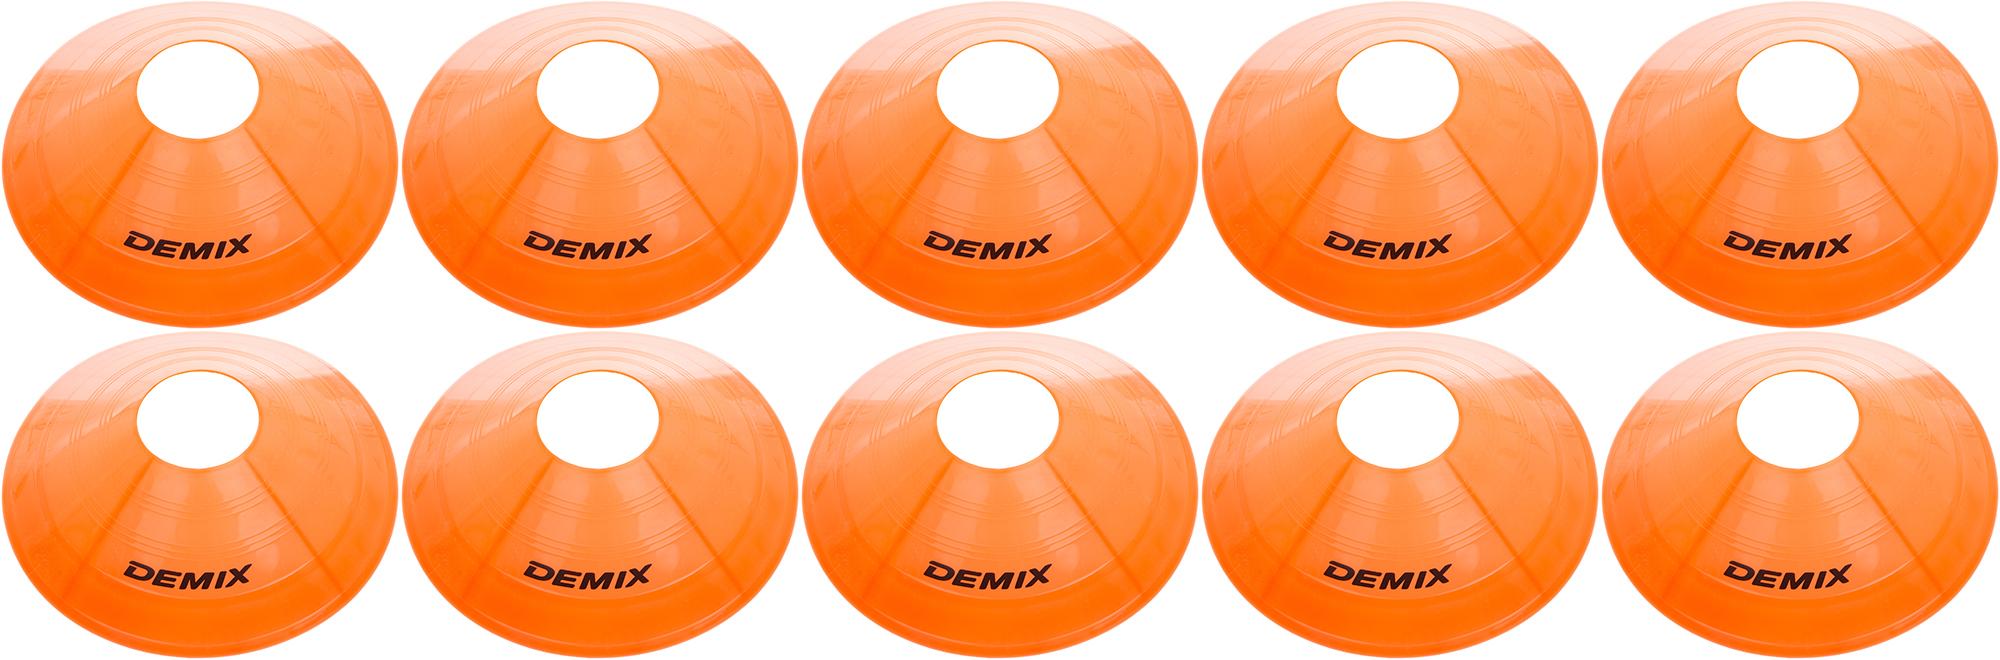 Demix Набор для футбола: фишки для разметки поля Demix, 10 шт.